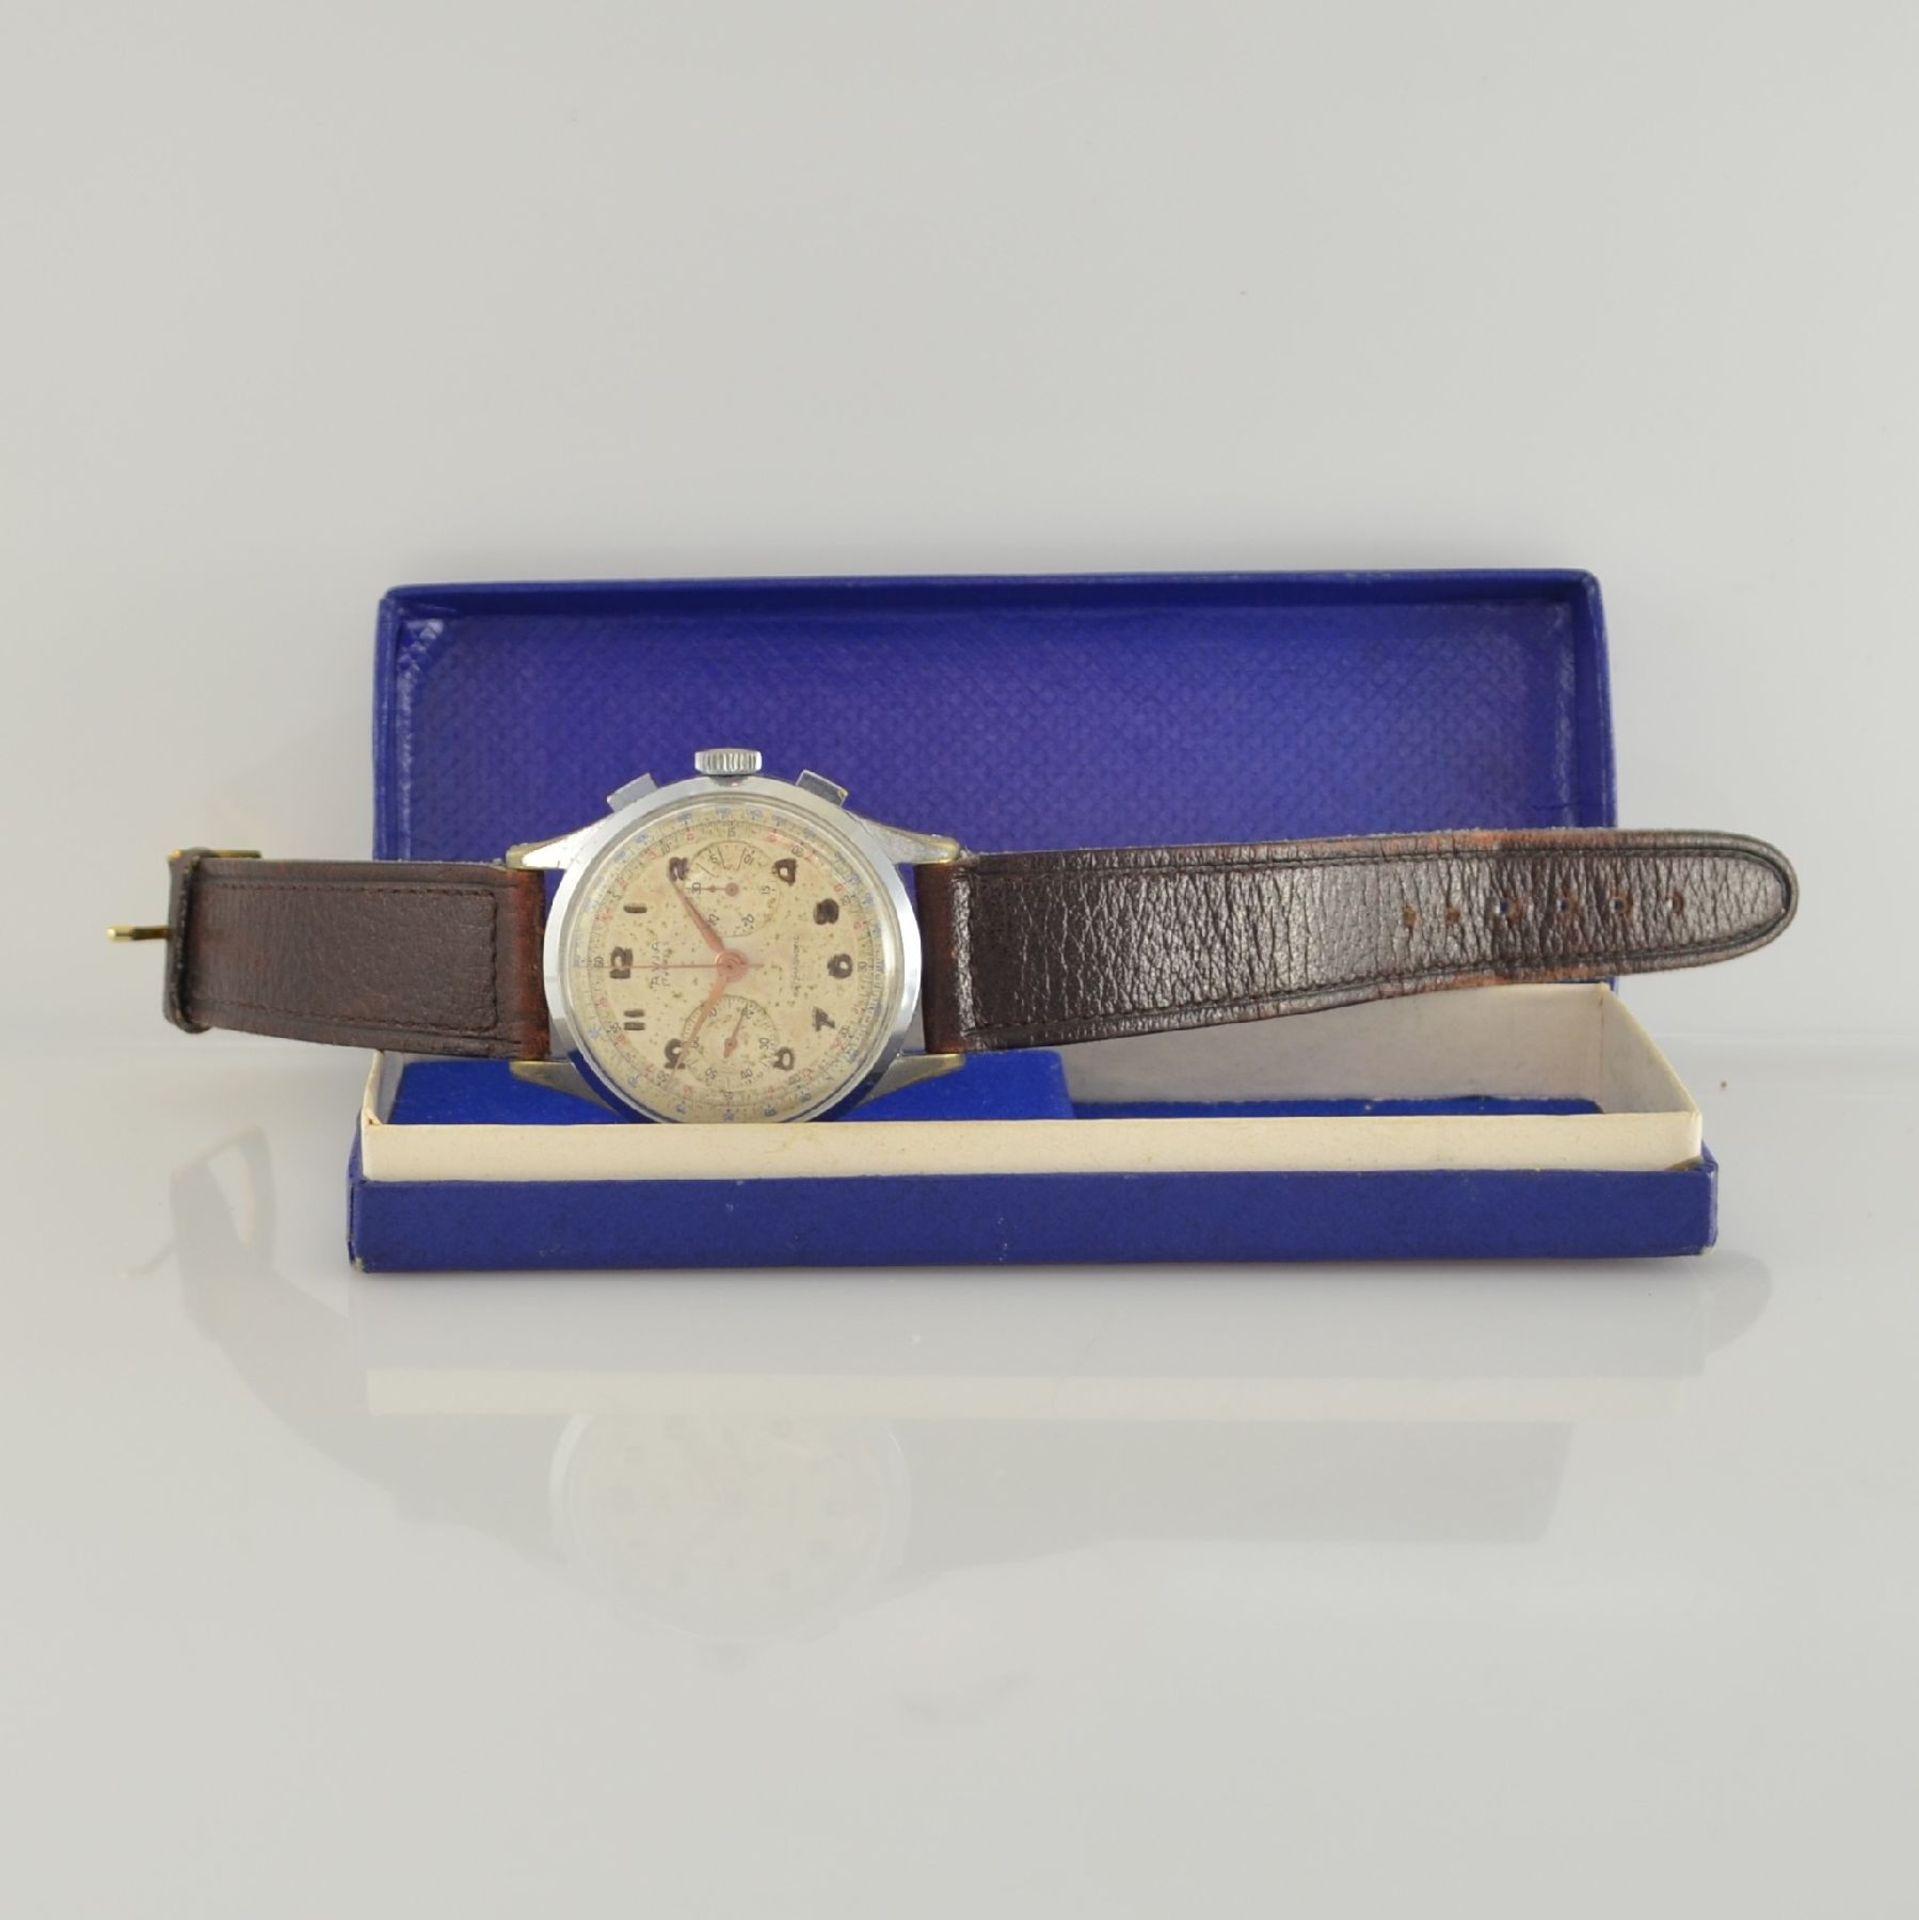 AVIA Armbandchronograph, Handaufzug, Schweiz für den dtsch. Markt um 1940, verchr. Metallgeh. - Bild 7 aus 10